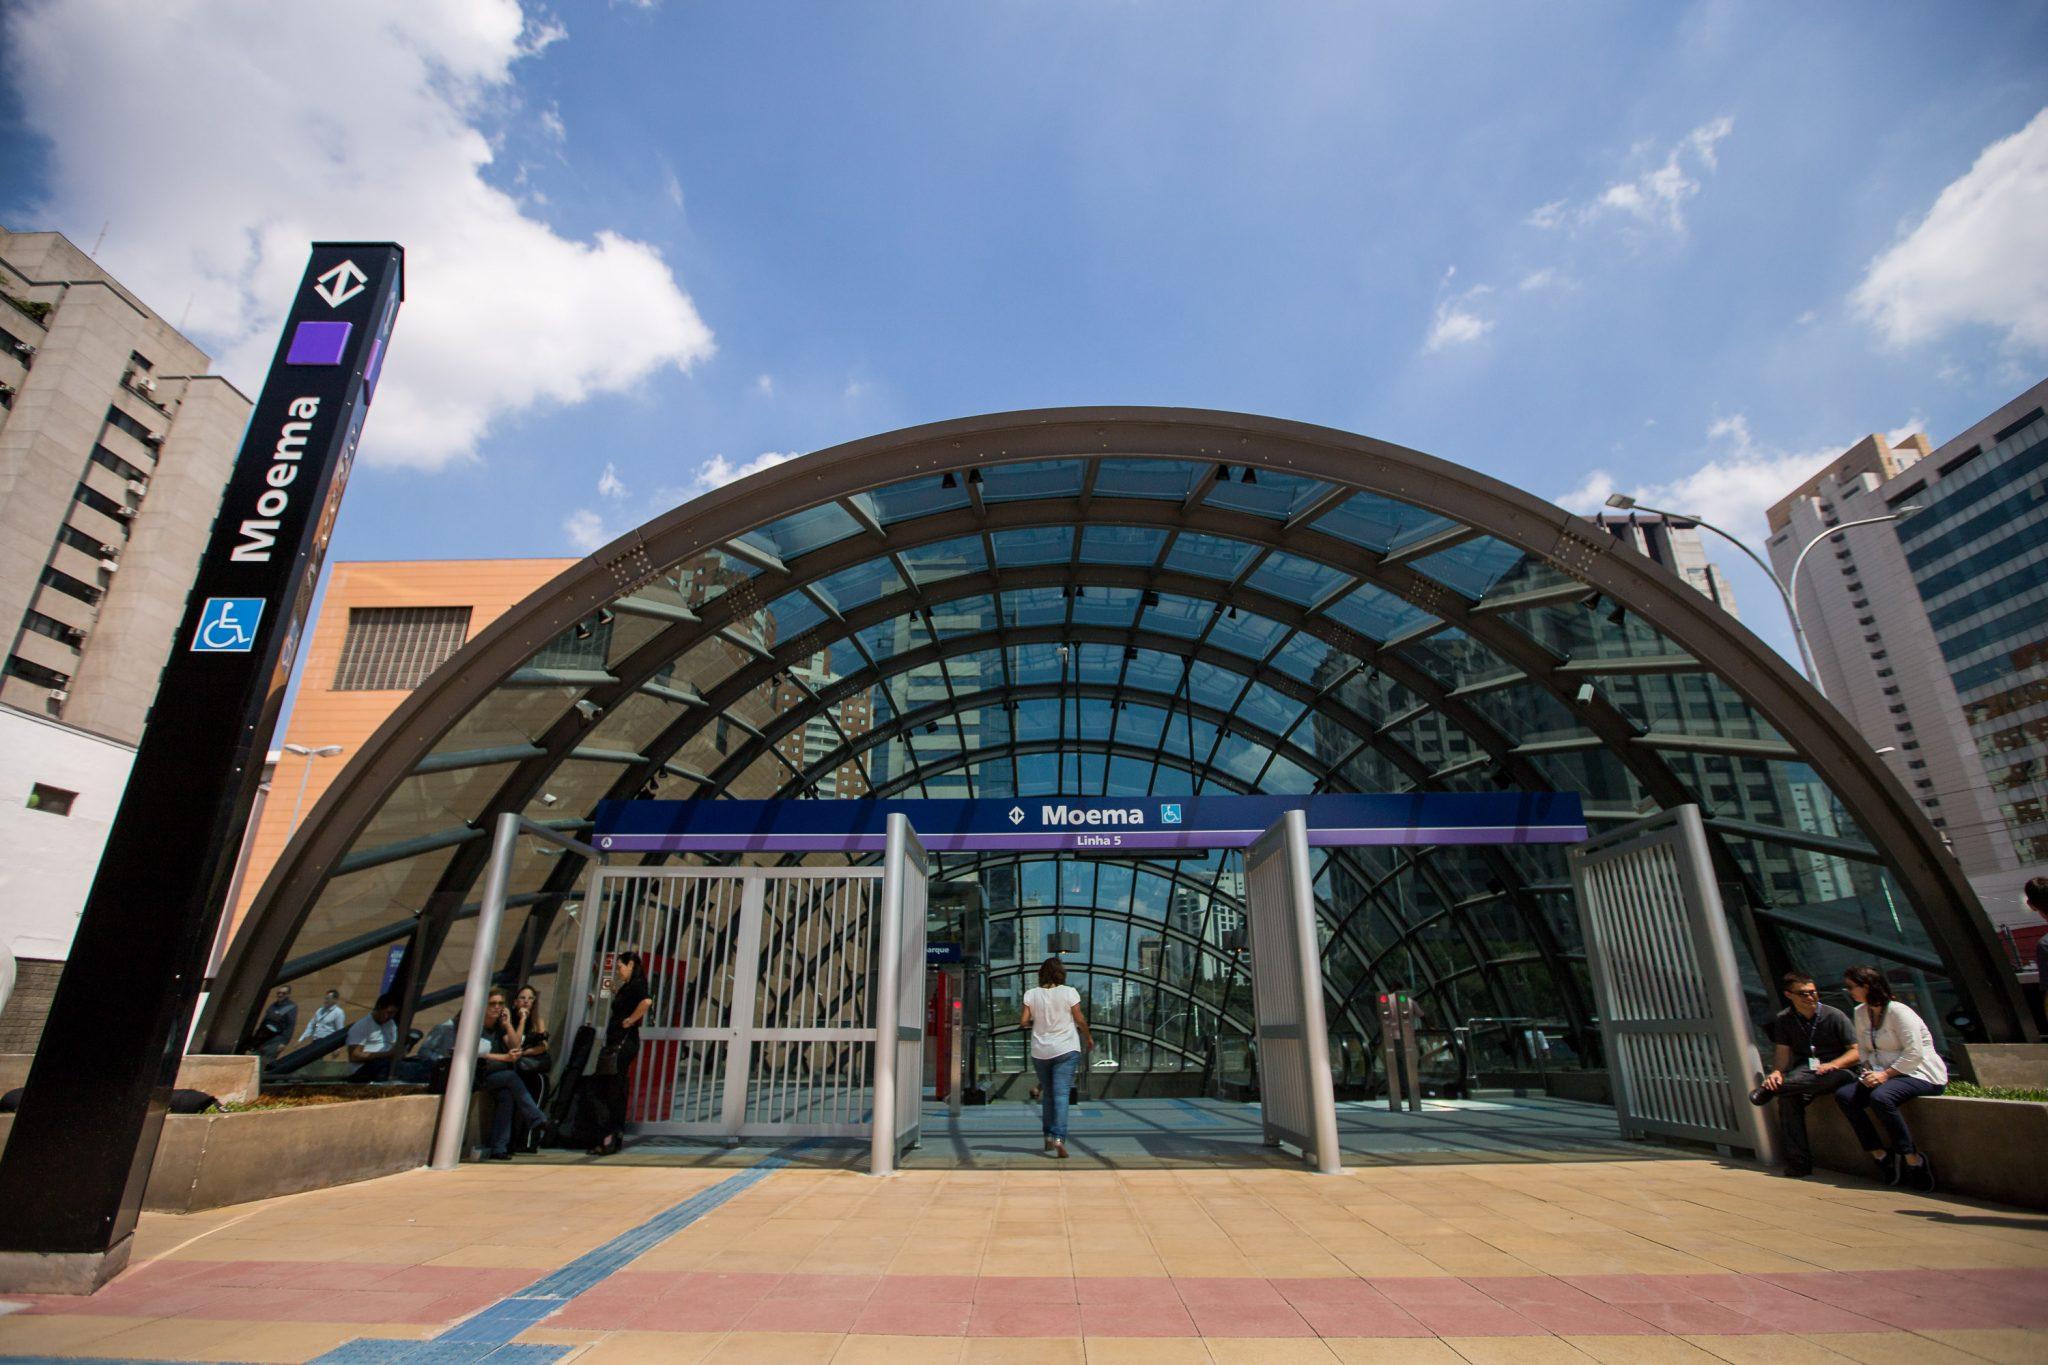 O Governador do estado de São Paulo, Geraldo Alckmin, a estação Moema, da Linha 5–Lilás do Metrô. Com mais um quilômetro de trilhos, a chamada 'Linha da Saúde' passará a contar com 16,2 km de extensão e 12 paradas, desde o Capão Redondo. A rede metroviária de São Paulo terá agora 84,3 quilômetros e 75 estações. Data: 05/04/2018 Local: Itapeva/SP Foto: Governo do Estado de São Paulo